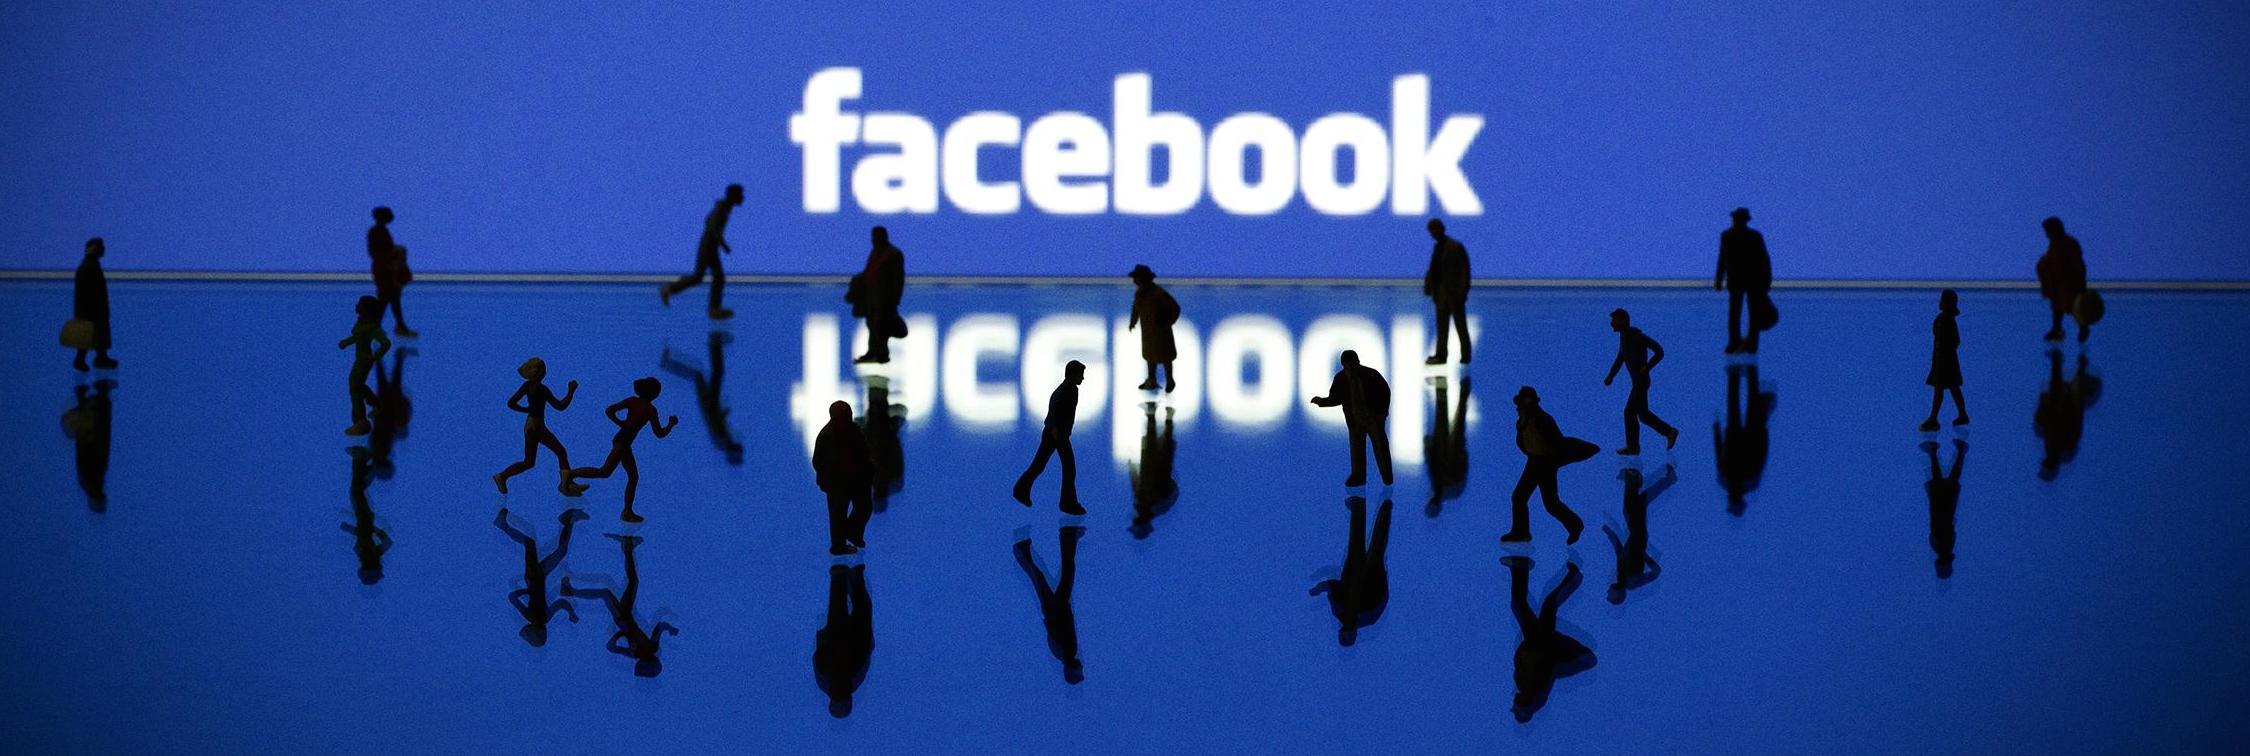 FacebookPeople.jpg